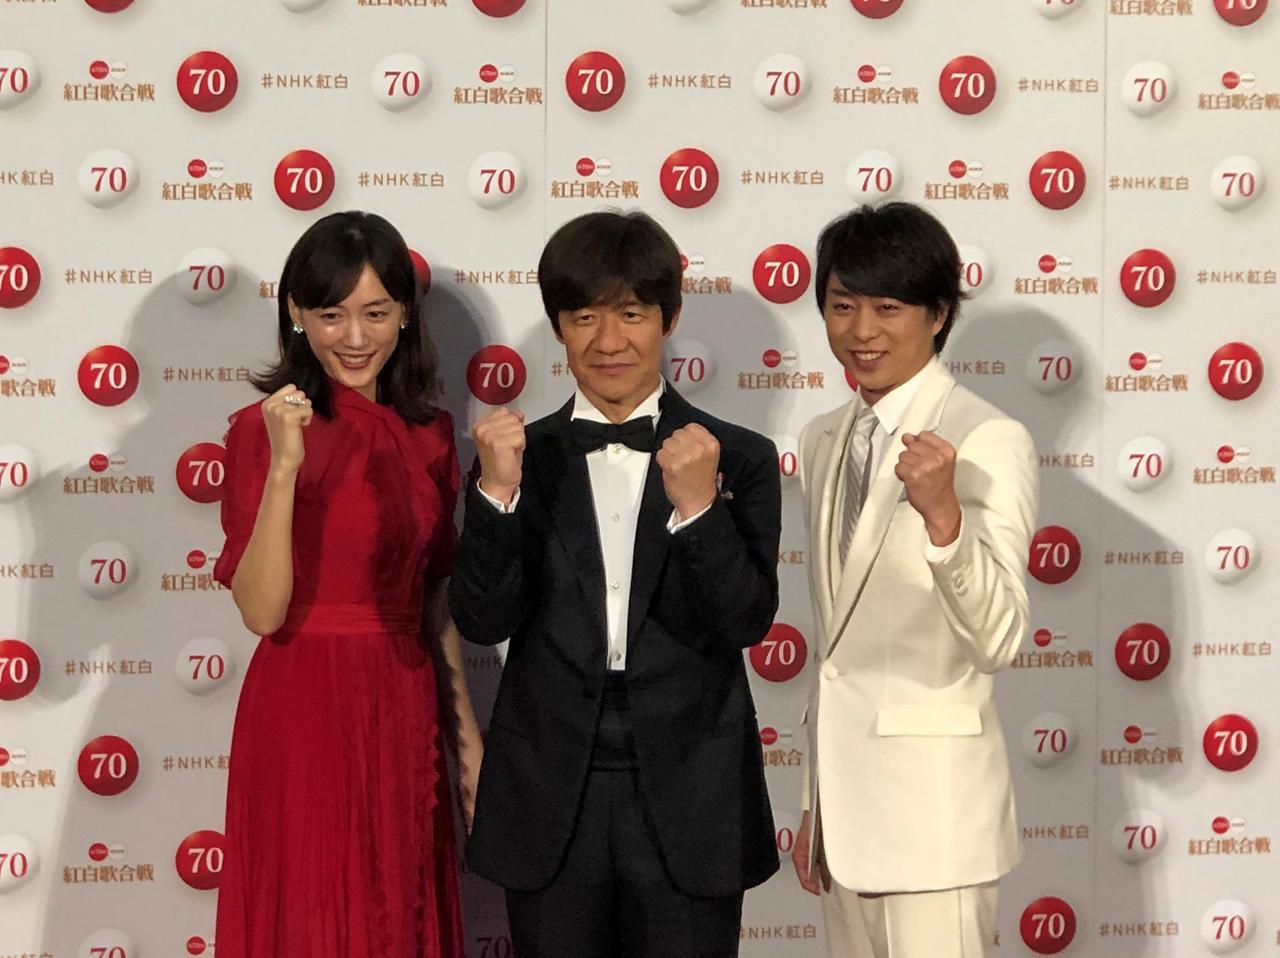 画像: NHK紅白歌合戦2019 司会者が勢ぞろい。笑いが絶えない会見に - SCREEN ONLINE(スクリーンオンライン)